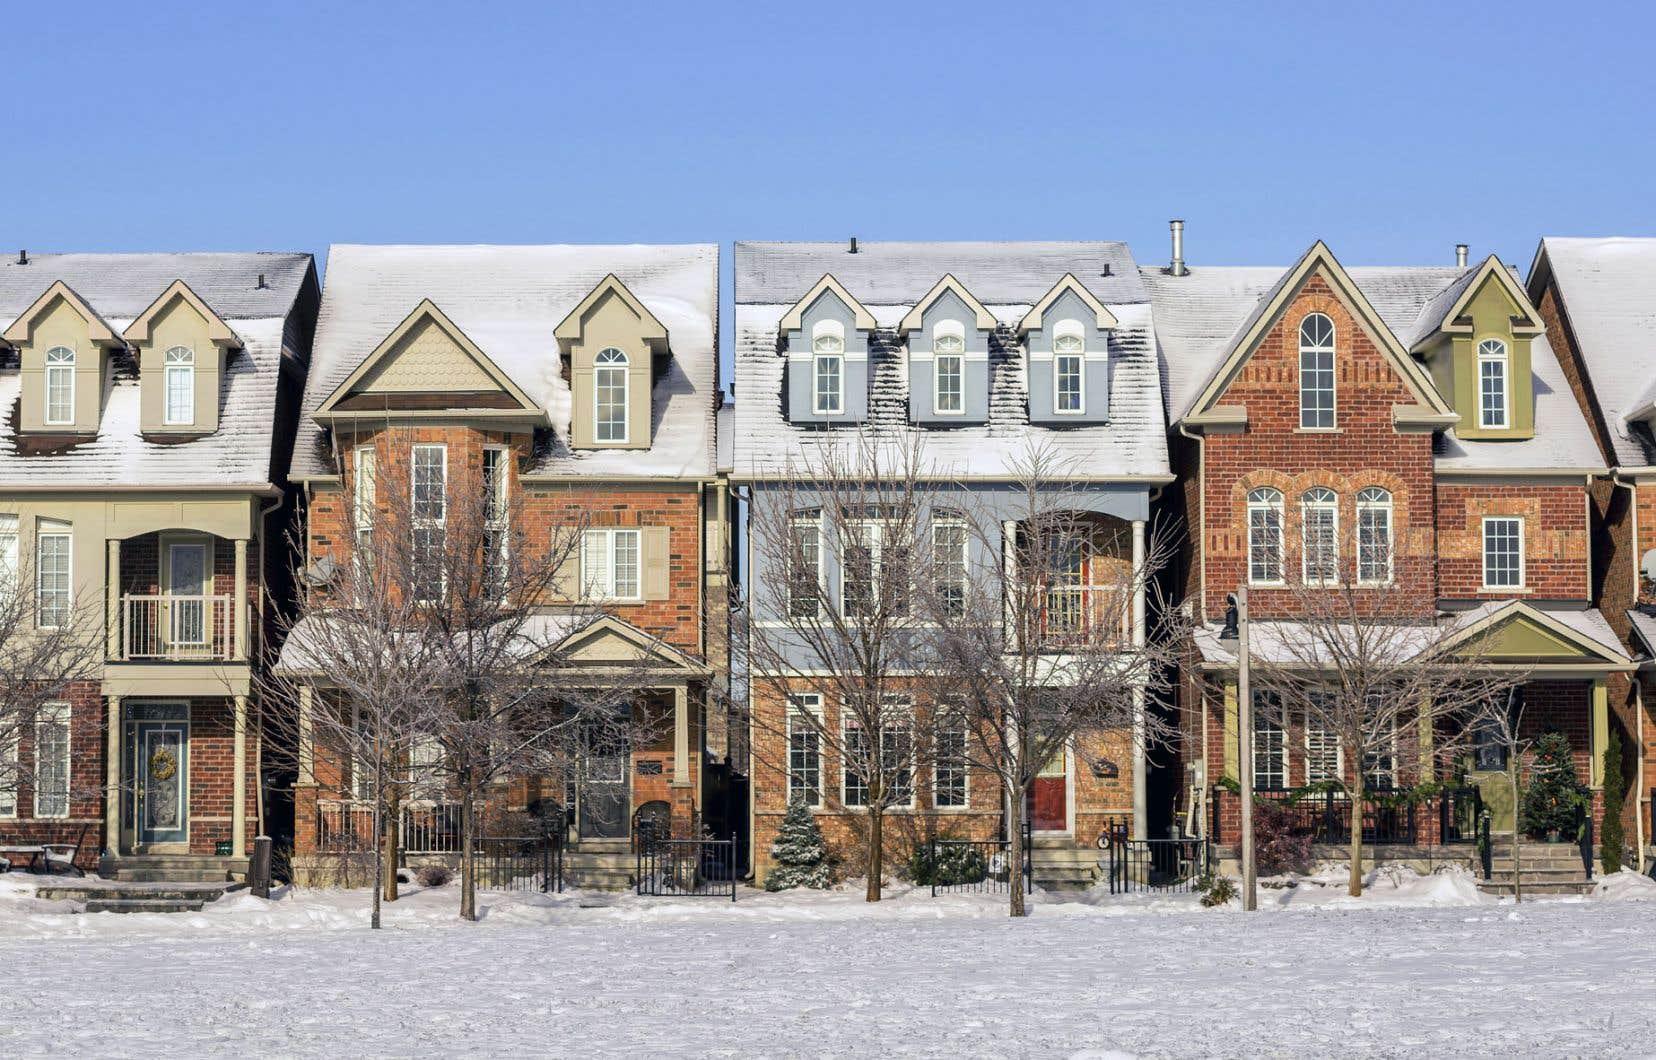 Parmi, les dix questions les plus posées par les Canadiens à propos des prêts hypothécaires: «combien puis-je me permettre en prêt hypothécaire?» tient le haut du palmarès.